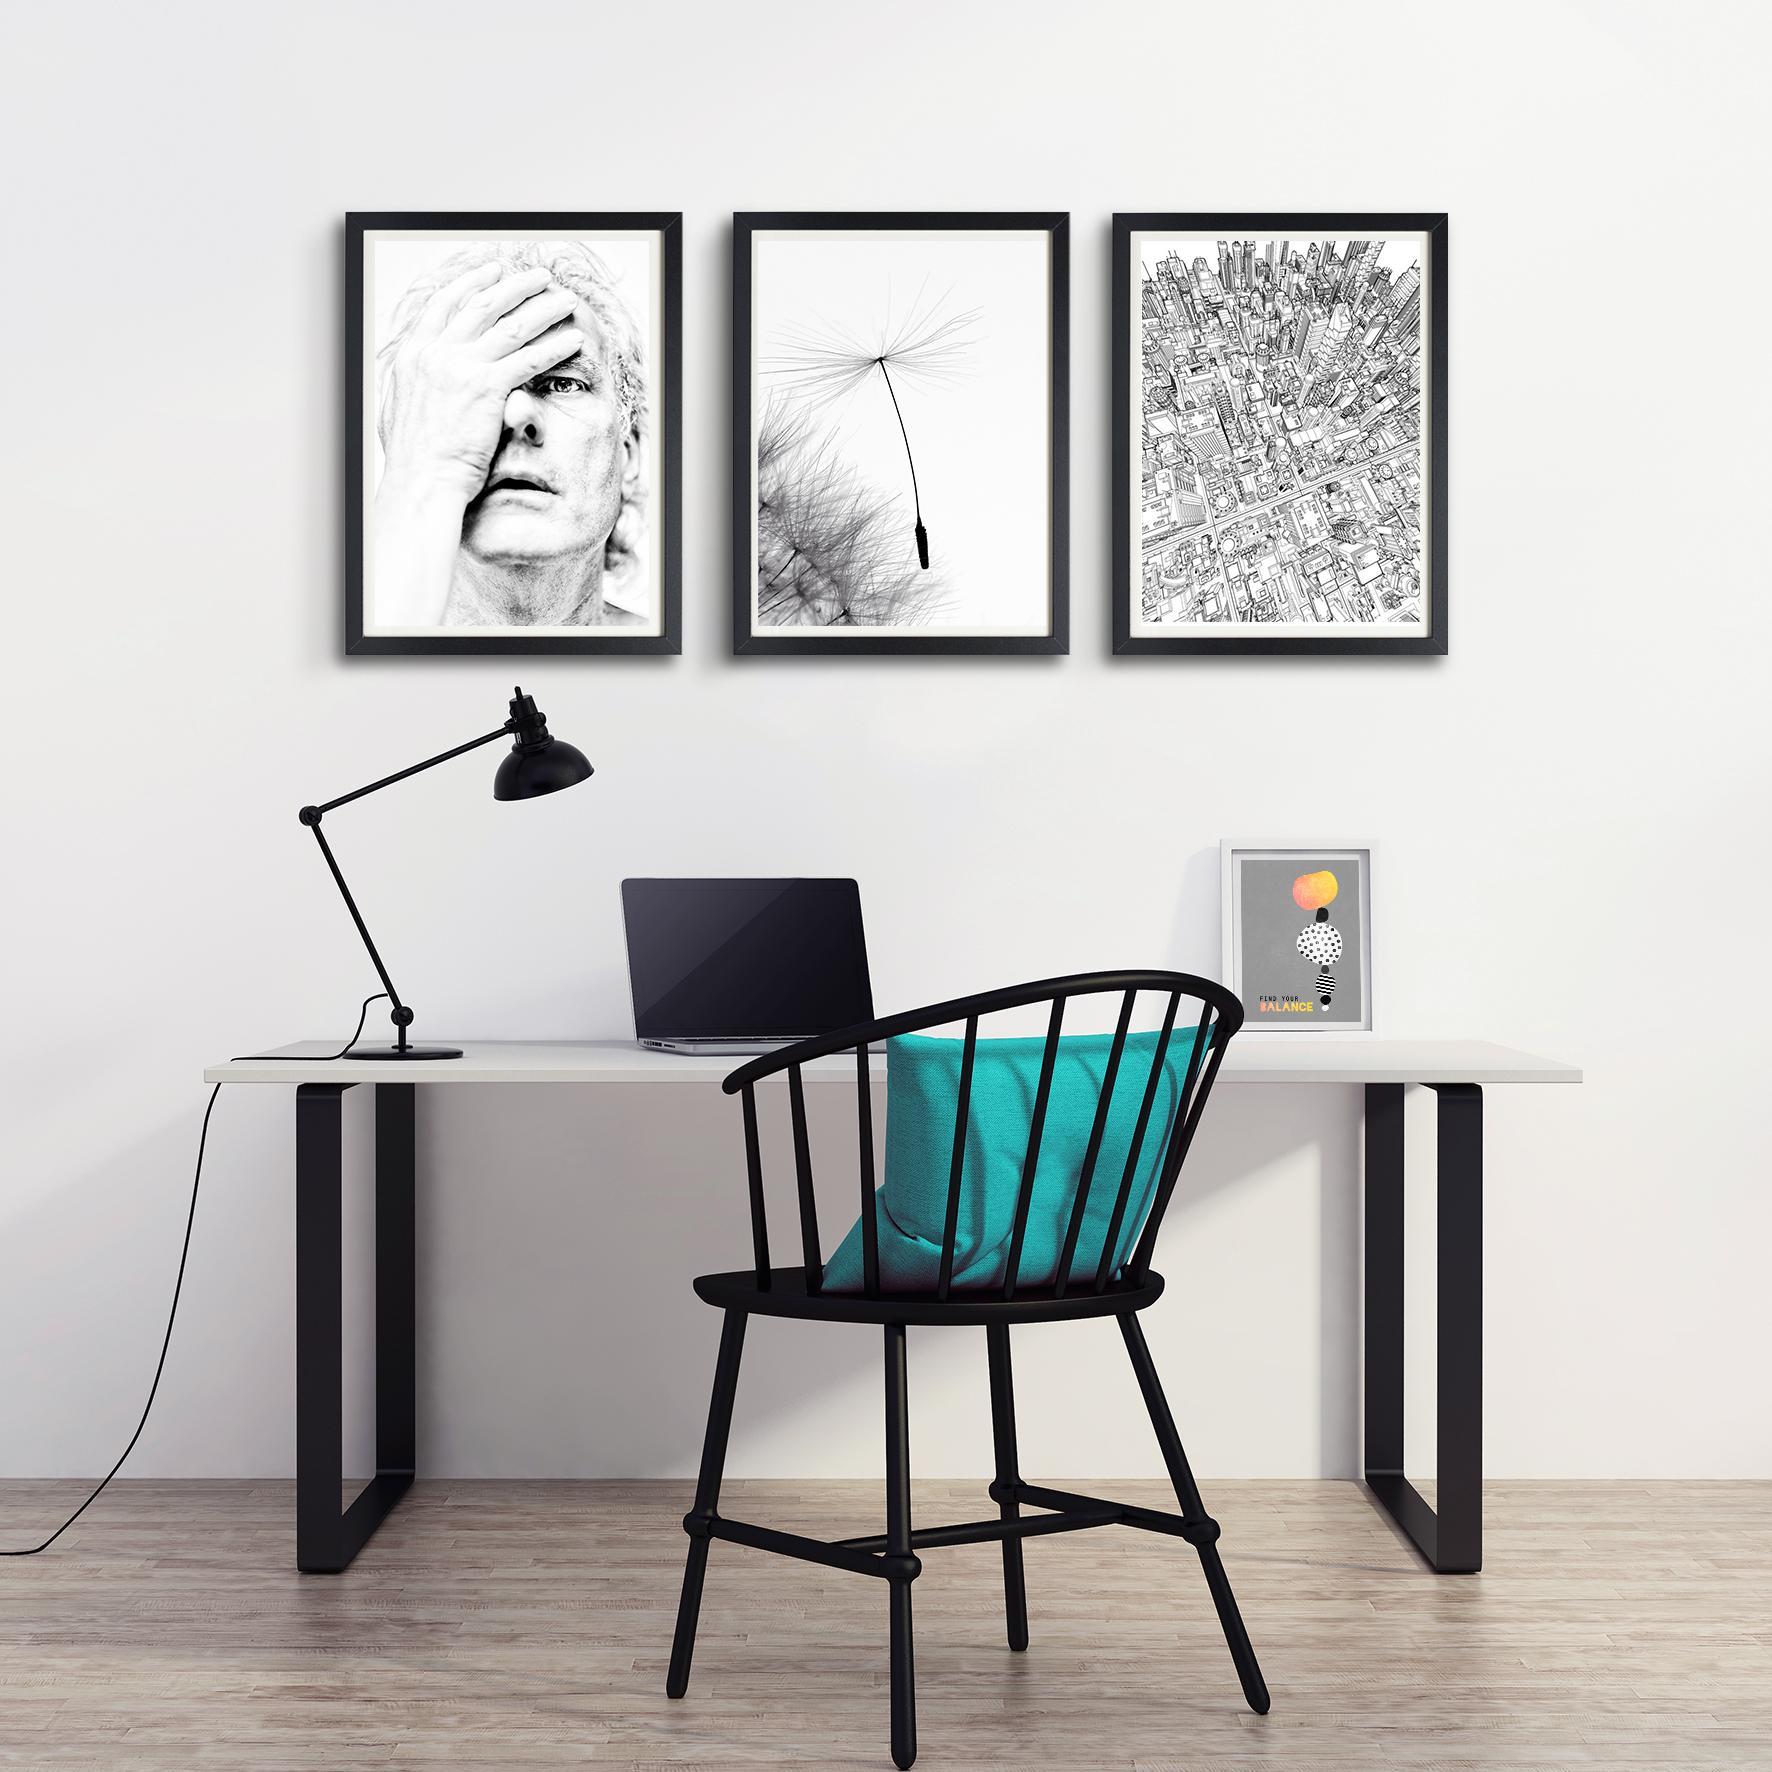 Wandgestaltung Büro bilder aufhängen in einer reihe büro arbeitsplatz